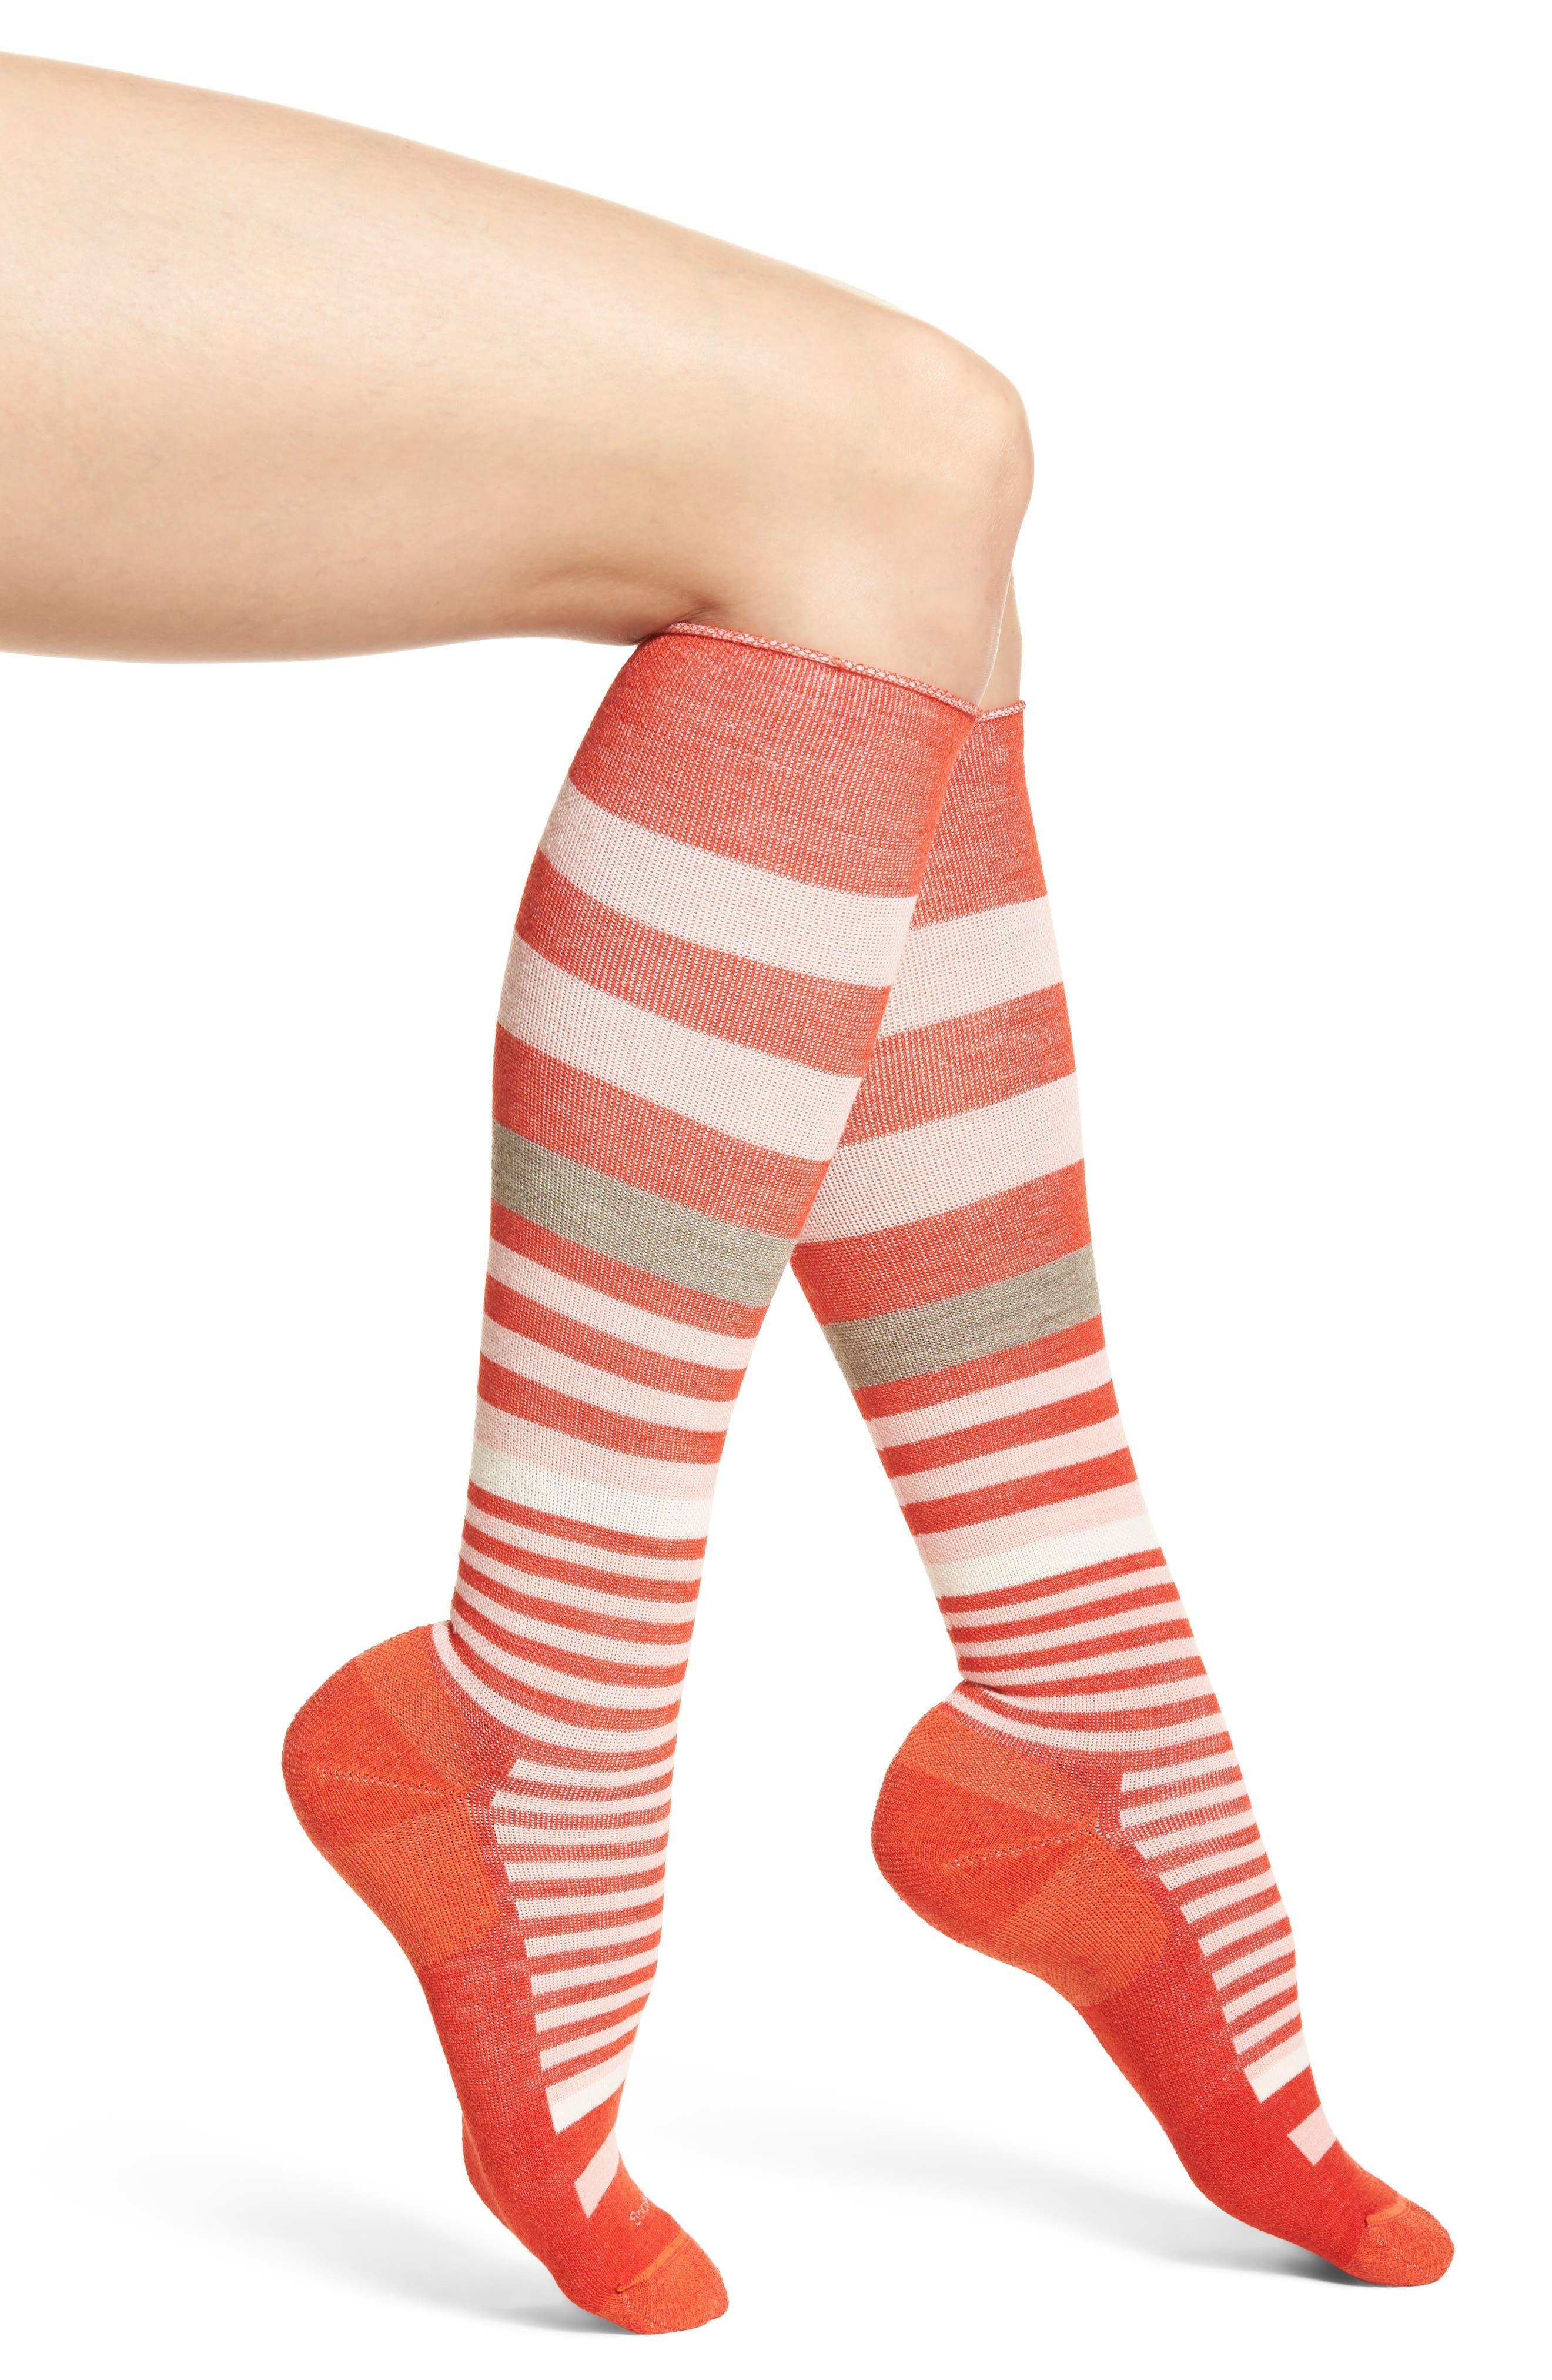 'Orbital' Compression Knee Socks,                         Main,                         color, Poppy